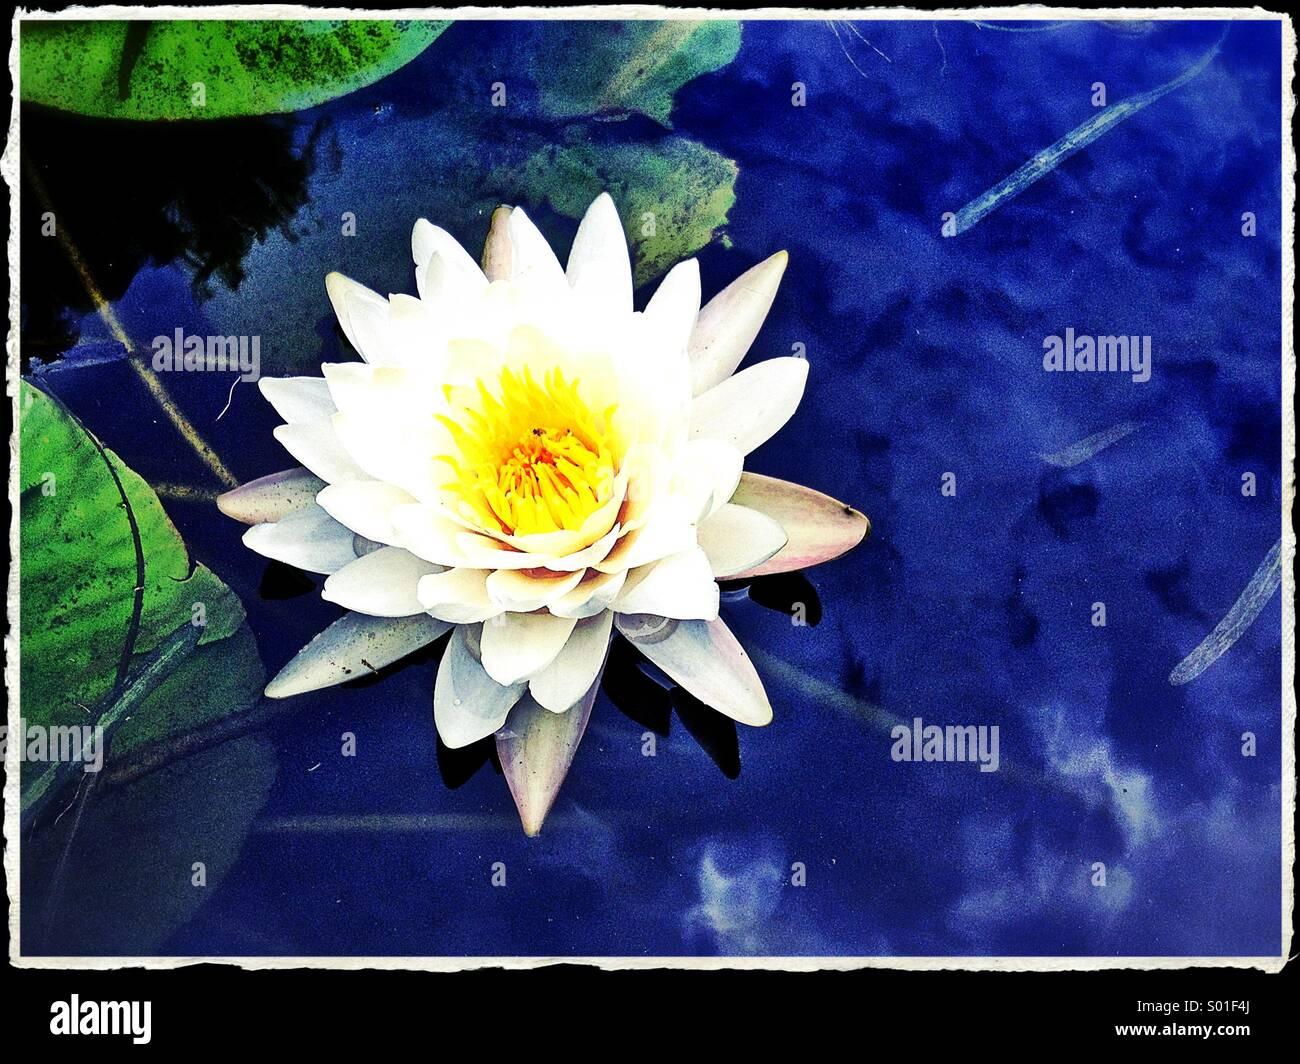 Nénuphar blanc flottant dans l'eau bleue Photo Stock